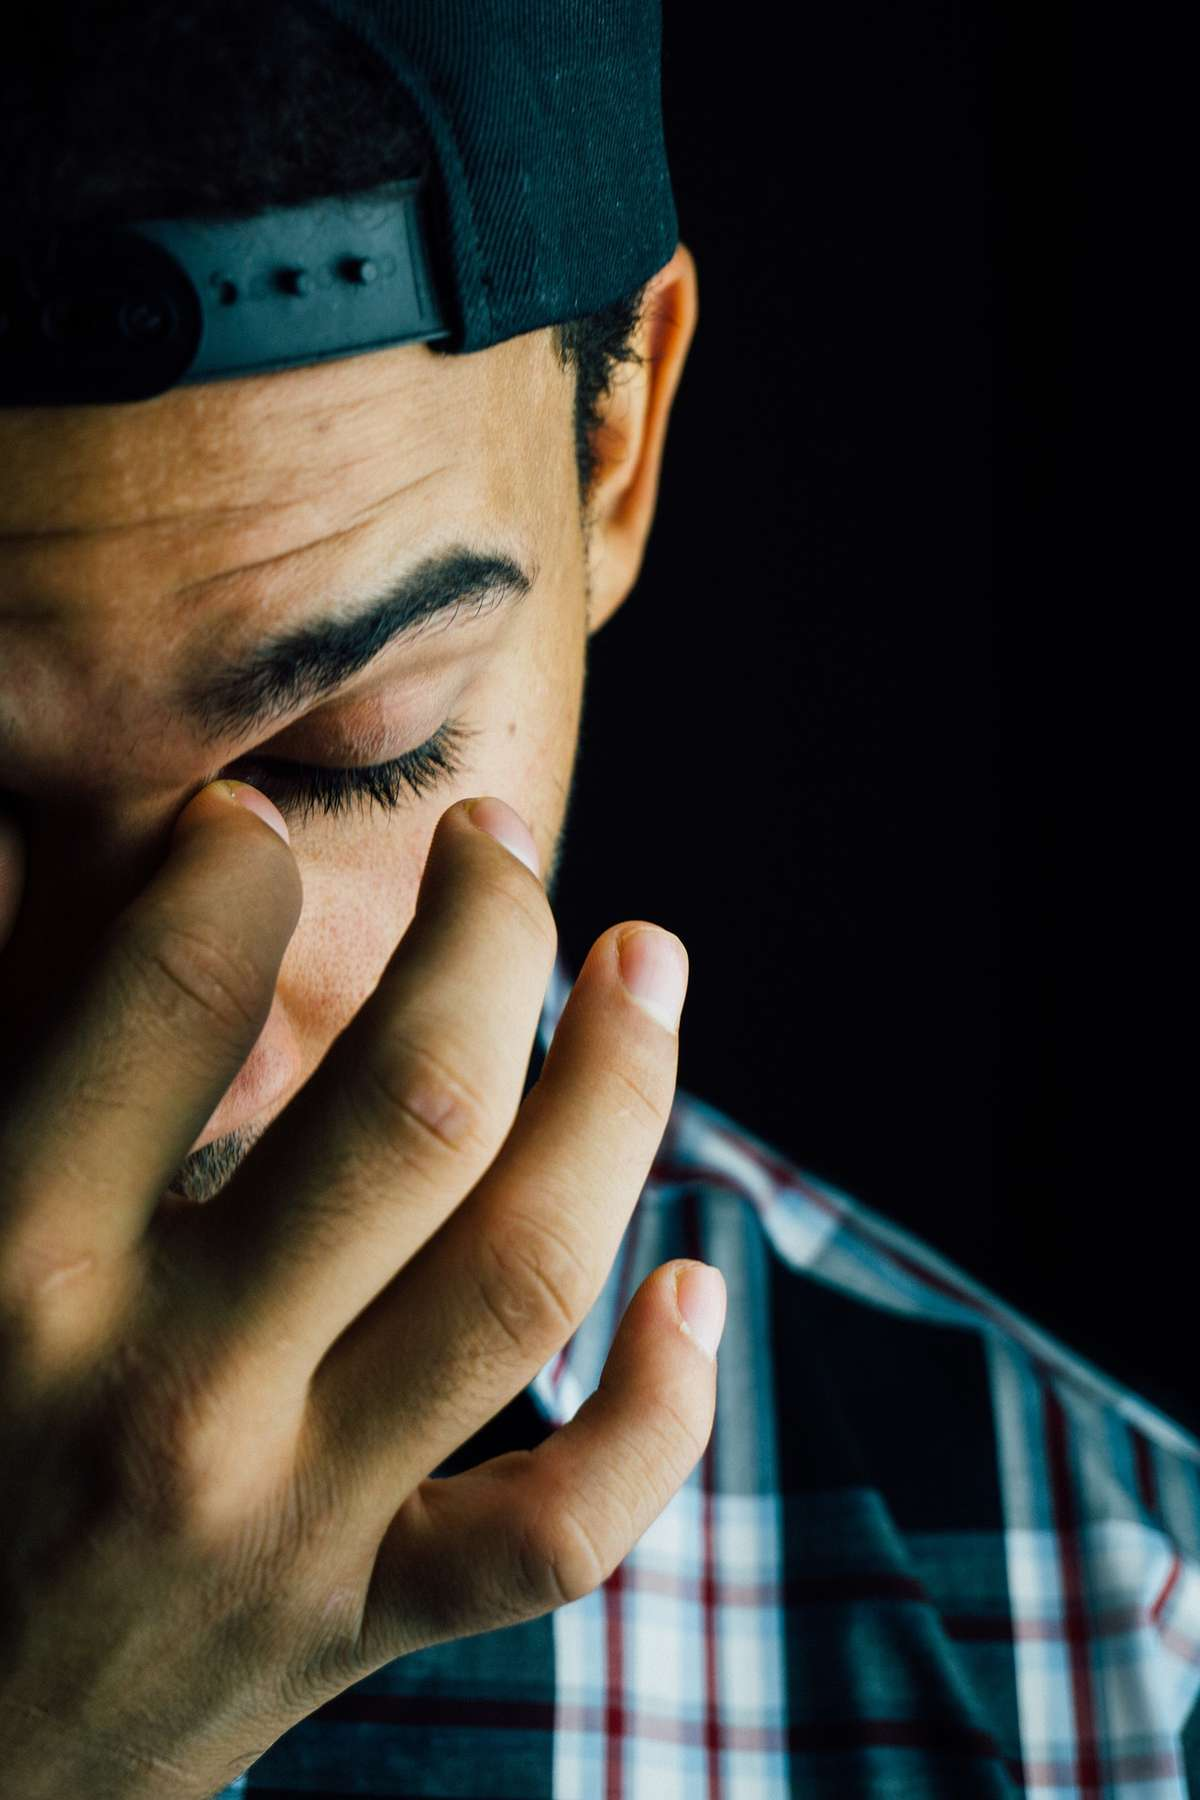 Masz zawroty głowy i zaburzenia czucia? To mogą być objawy poważnej choroby! - full image